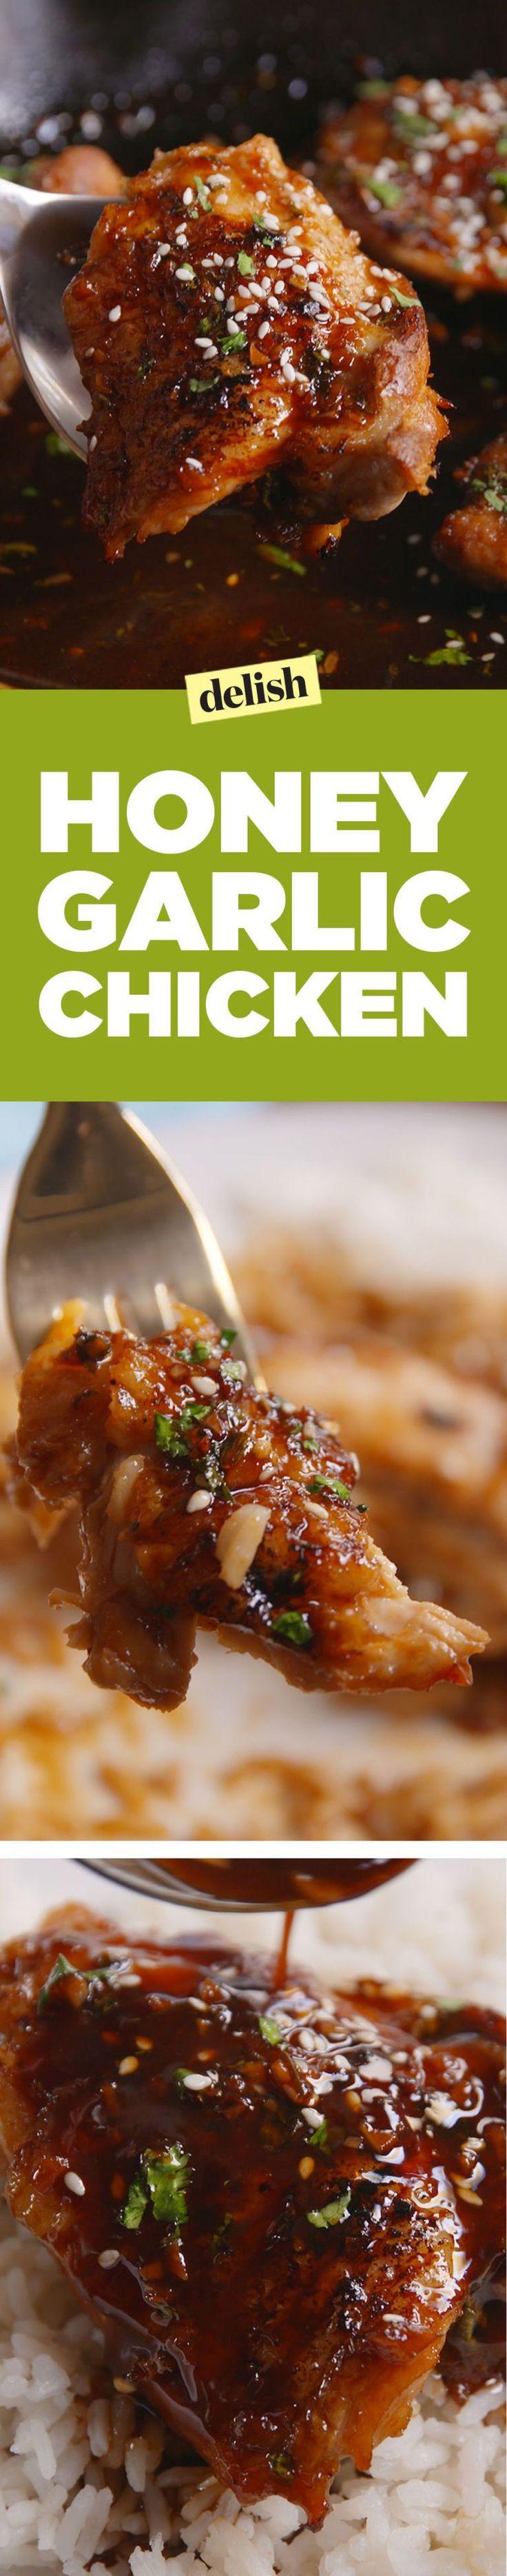 Honey Garlic Chicken  - Delish.com                                                                                                                                                                                 More